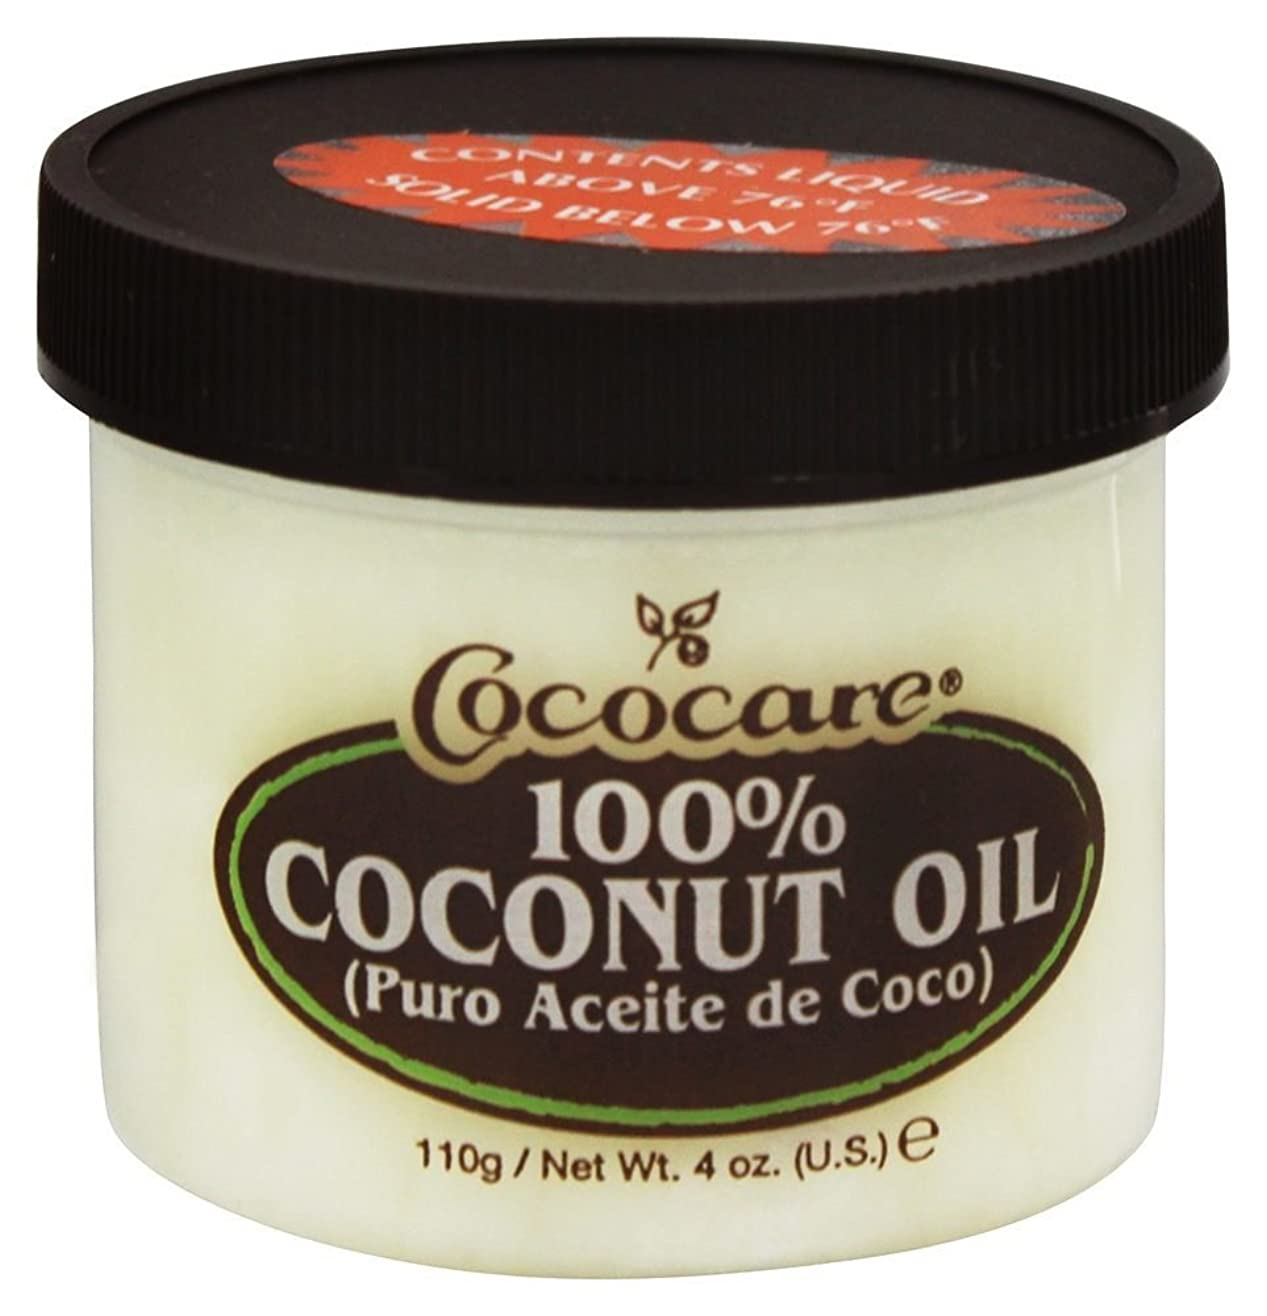 排除する偽造姉妹Cococare - 100% ココナッツ オイル - 4ポンド [並行輸入品]